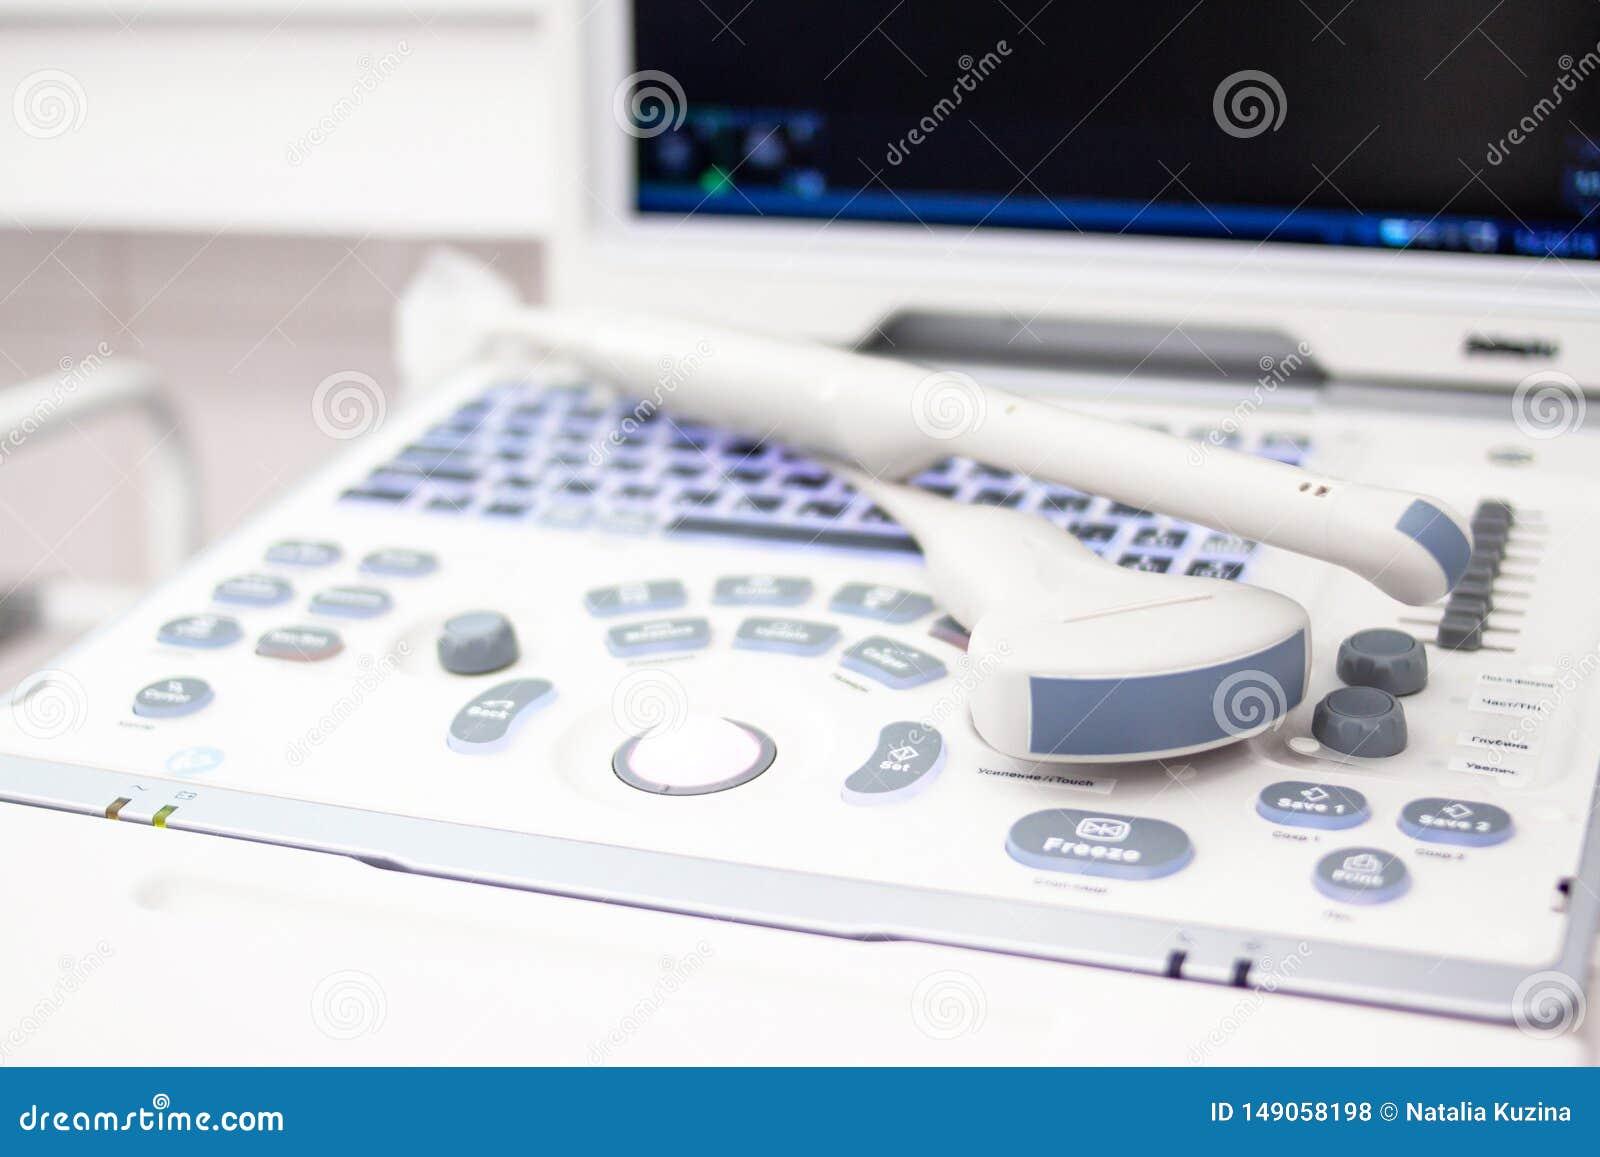 Nahaufnahme-Ultraschallscanner equipmentin im Klinikkrankenhaus Diagnostik-, Sonography- und Gesundheitskonzept Copyspace